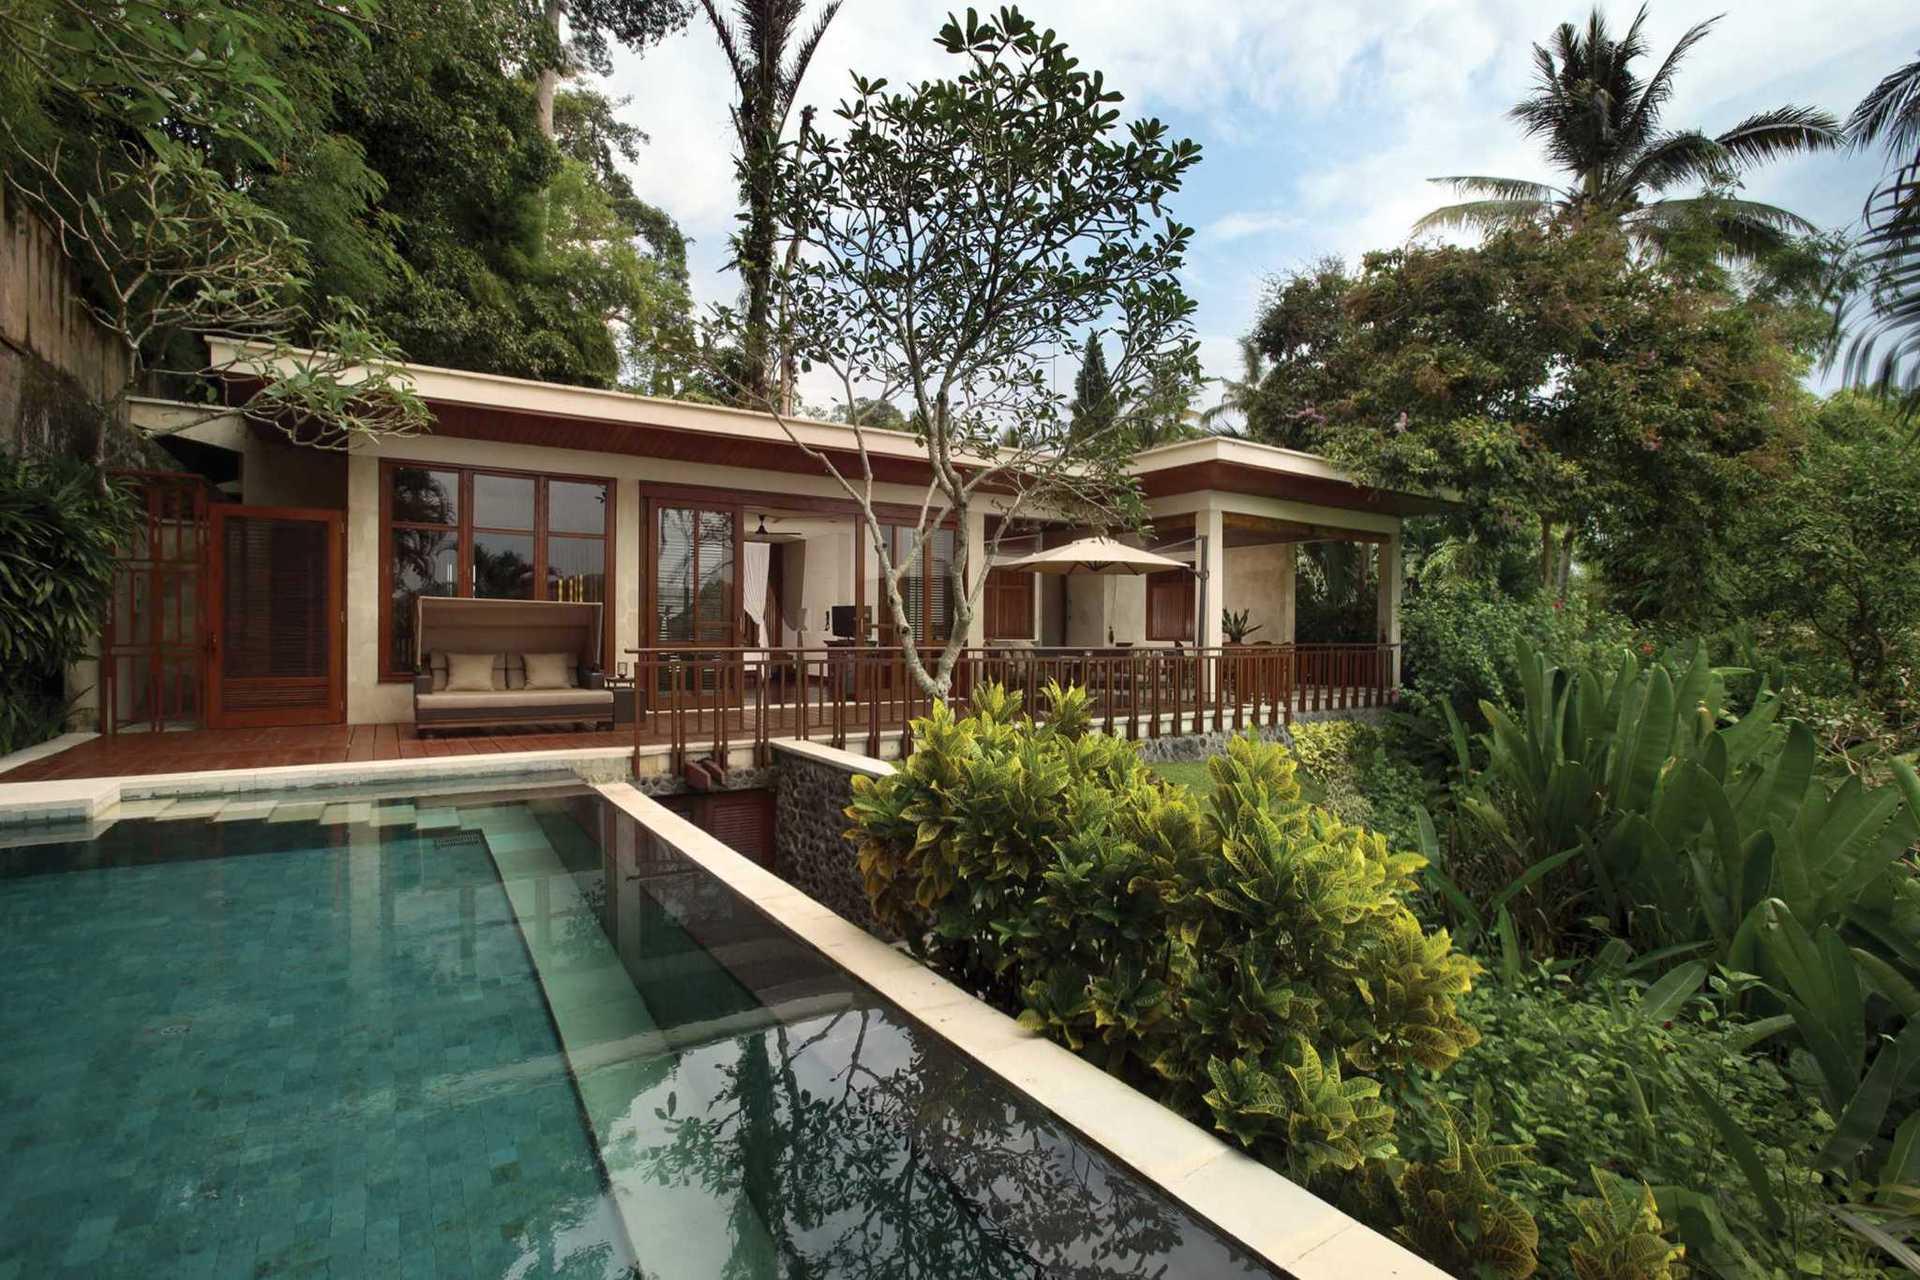 Готель  єдиний на Балі включений до рейтингу кращих готелів і курортів Gold List 2020 видавничого дому Condé Nast